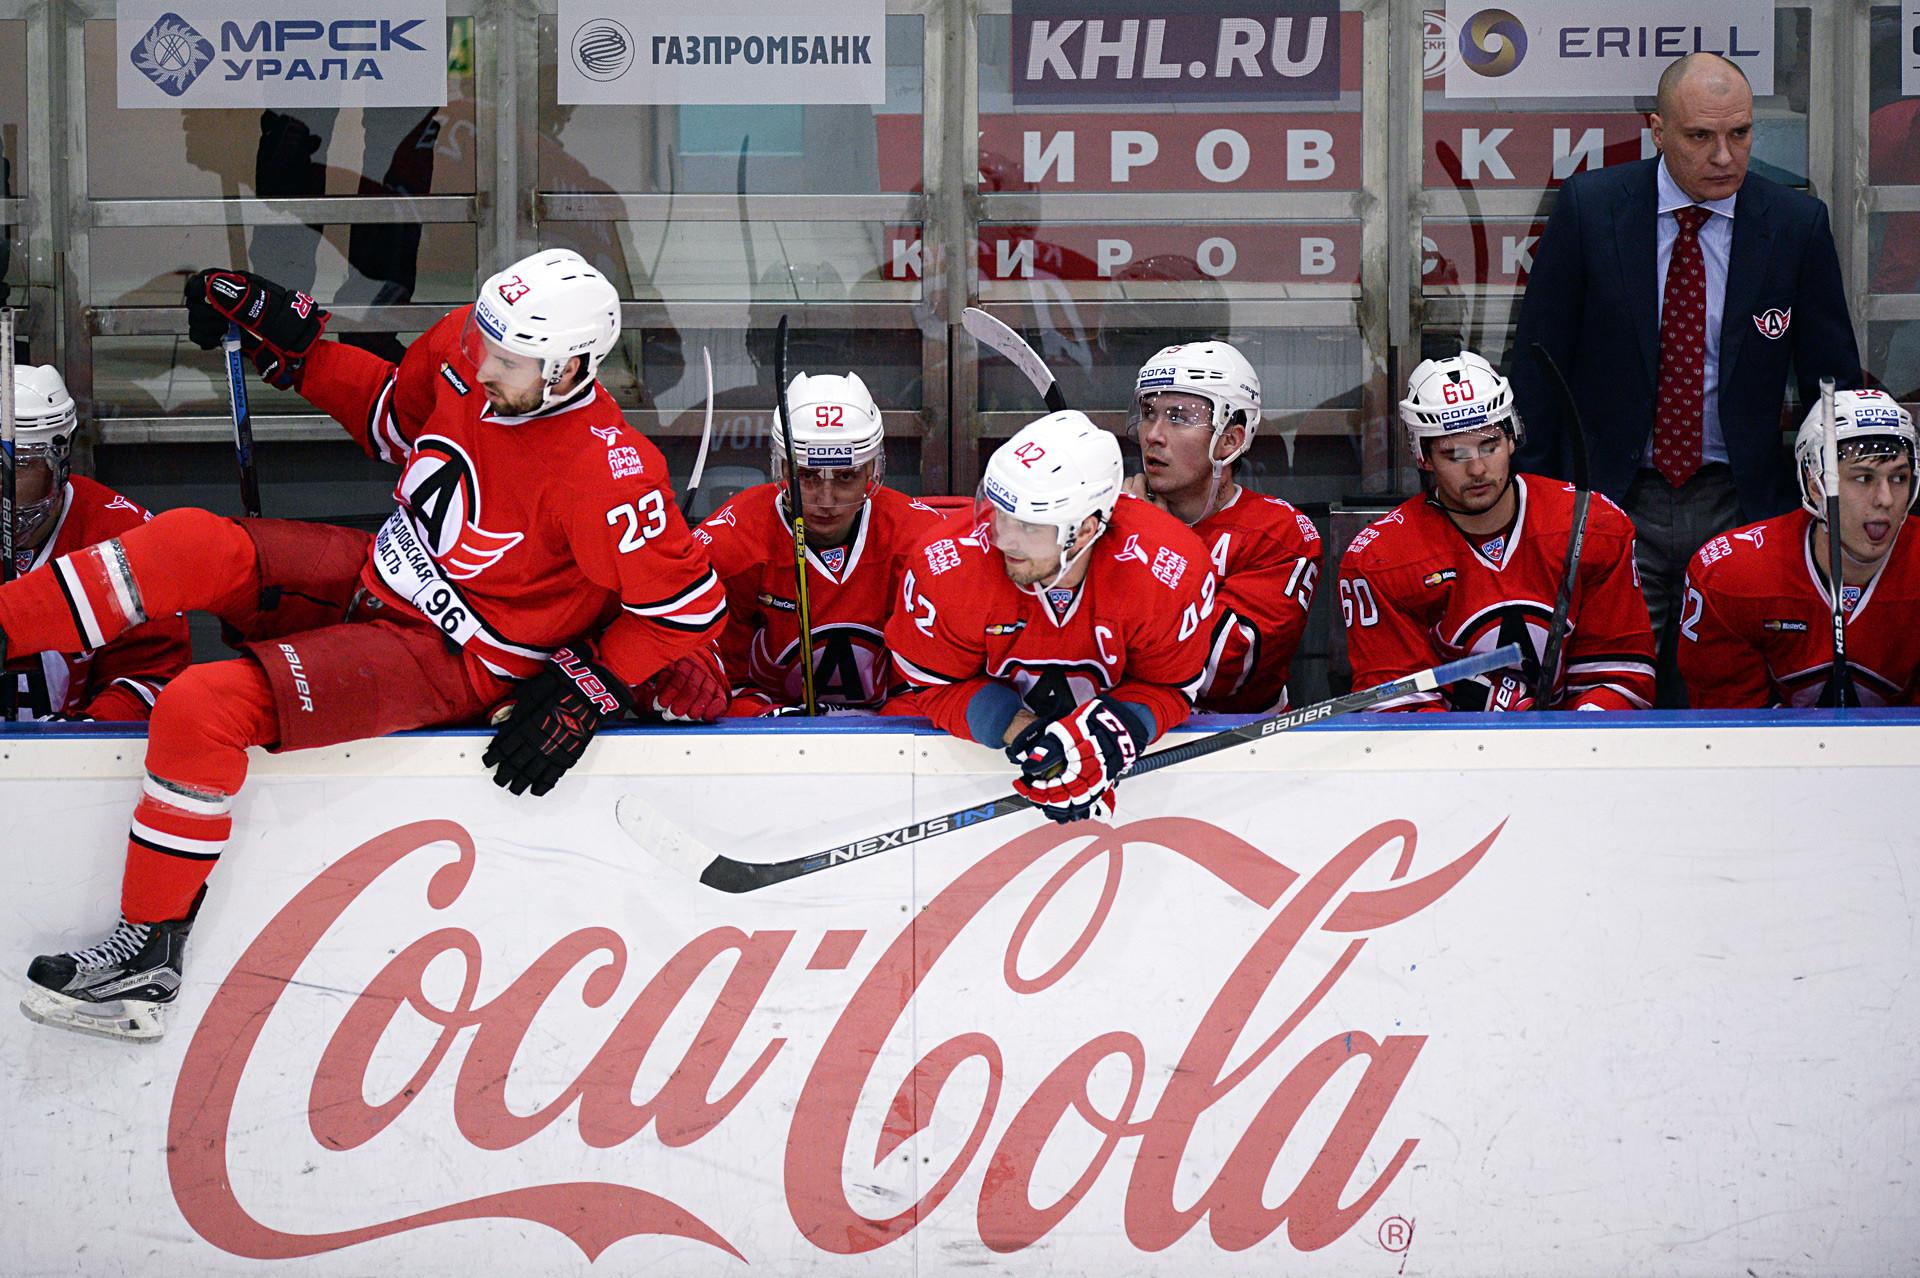 Coca Cola, yang dikenal karena dukungannya terhadap acara olahraga, adalah mitra dari Liga Hoki Kontinental (KHL) yang berkantor pusat di Moskow. Menjadi minuman resmi dari KHL memicu dorongan ekstra untuk citranya di negara tersebut.